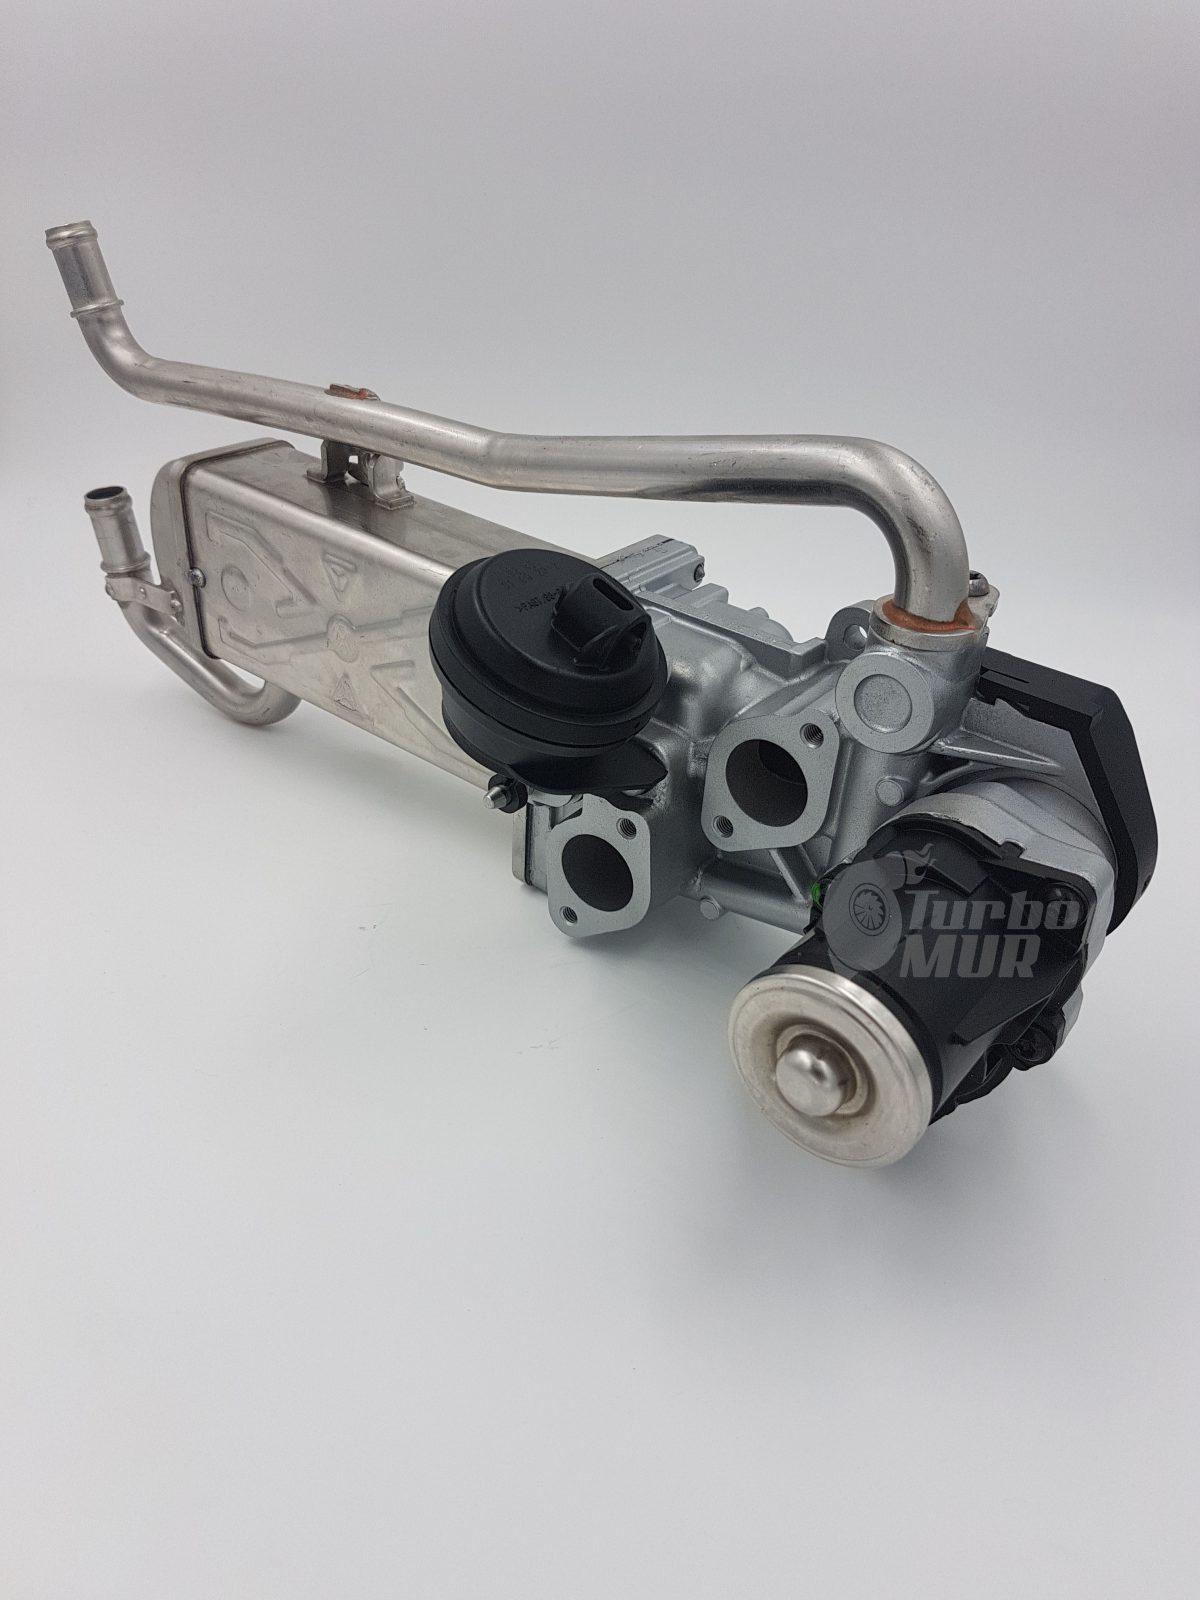 Turbomur - Válvula EGR con enfriador